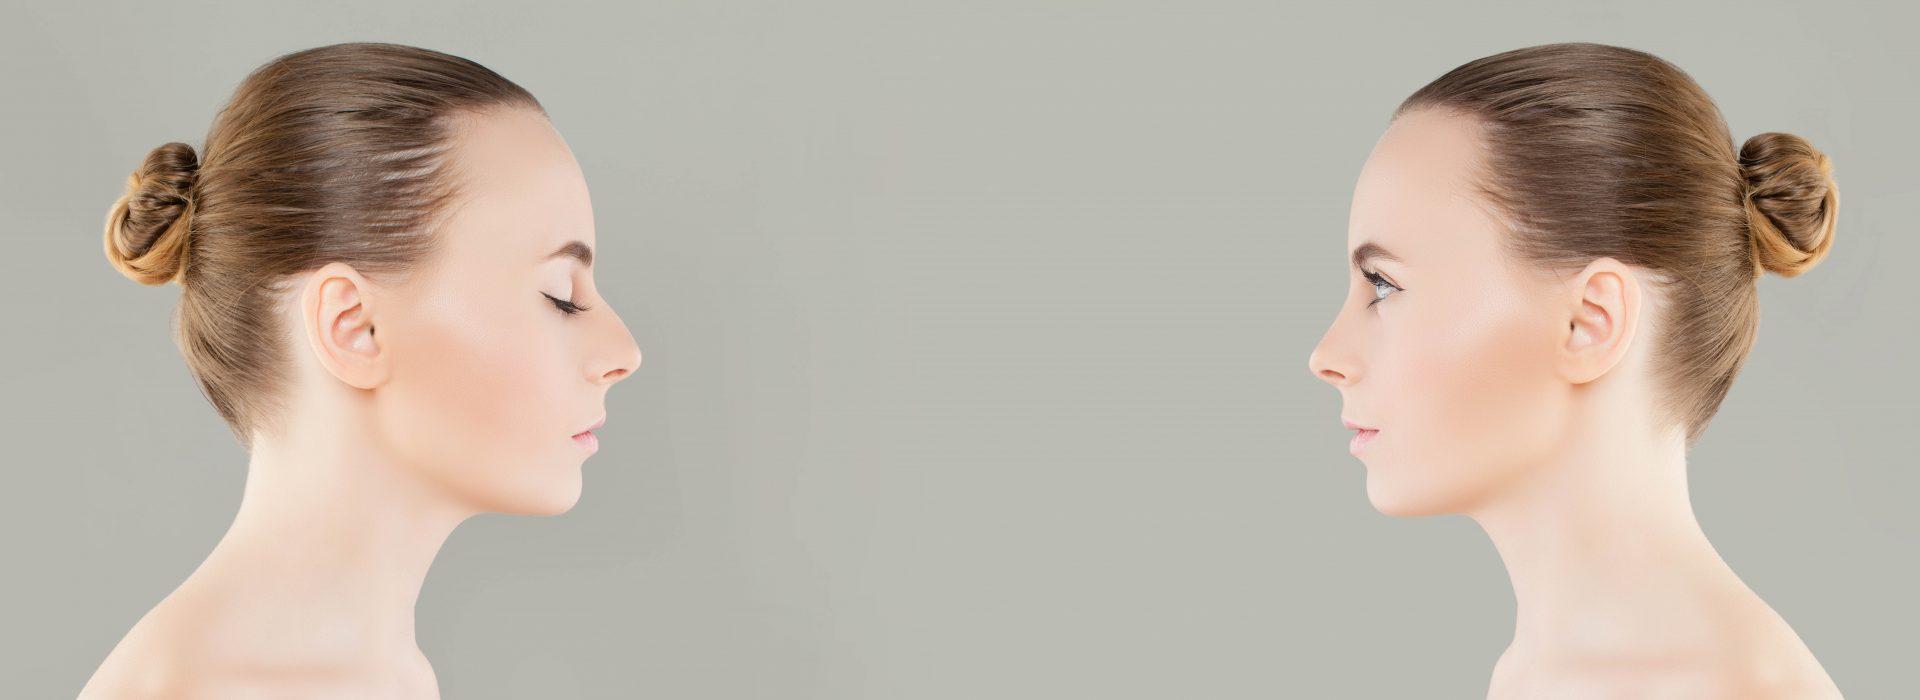 Razones para operarse la nariz: Salud y estética